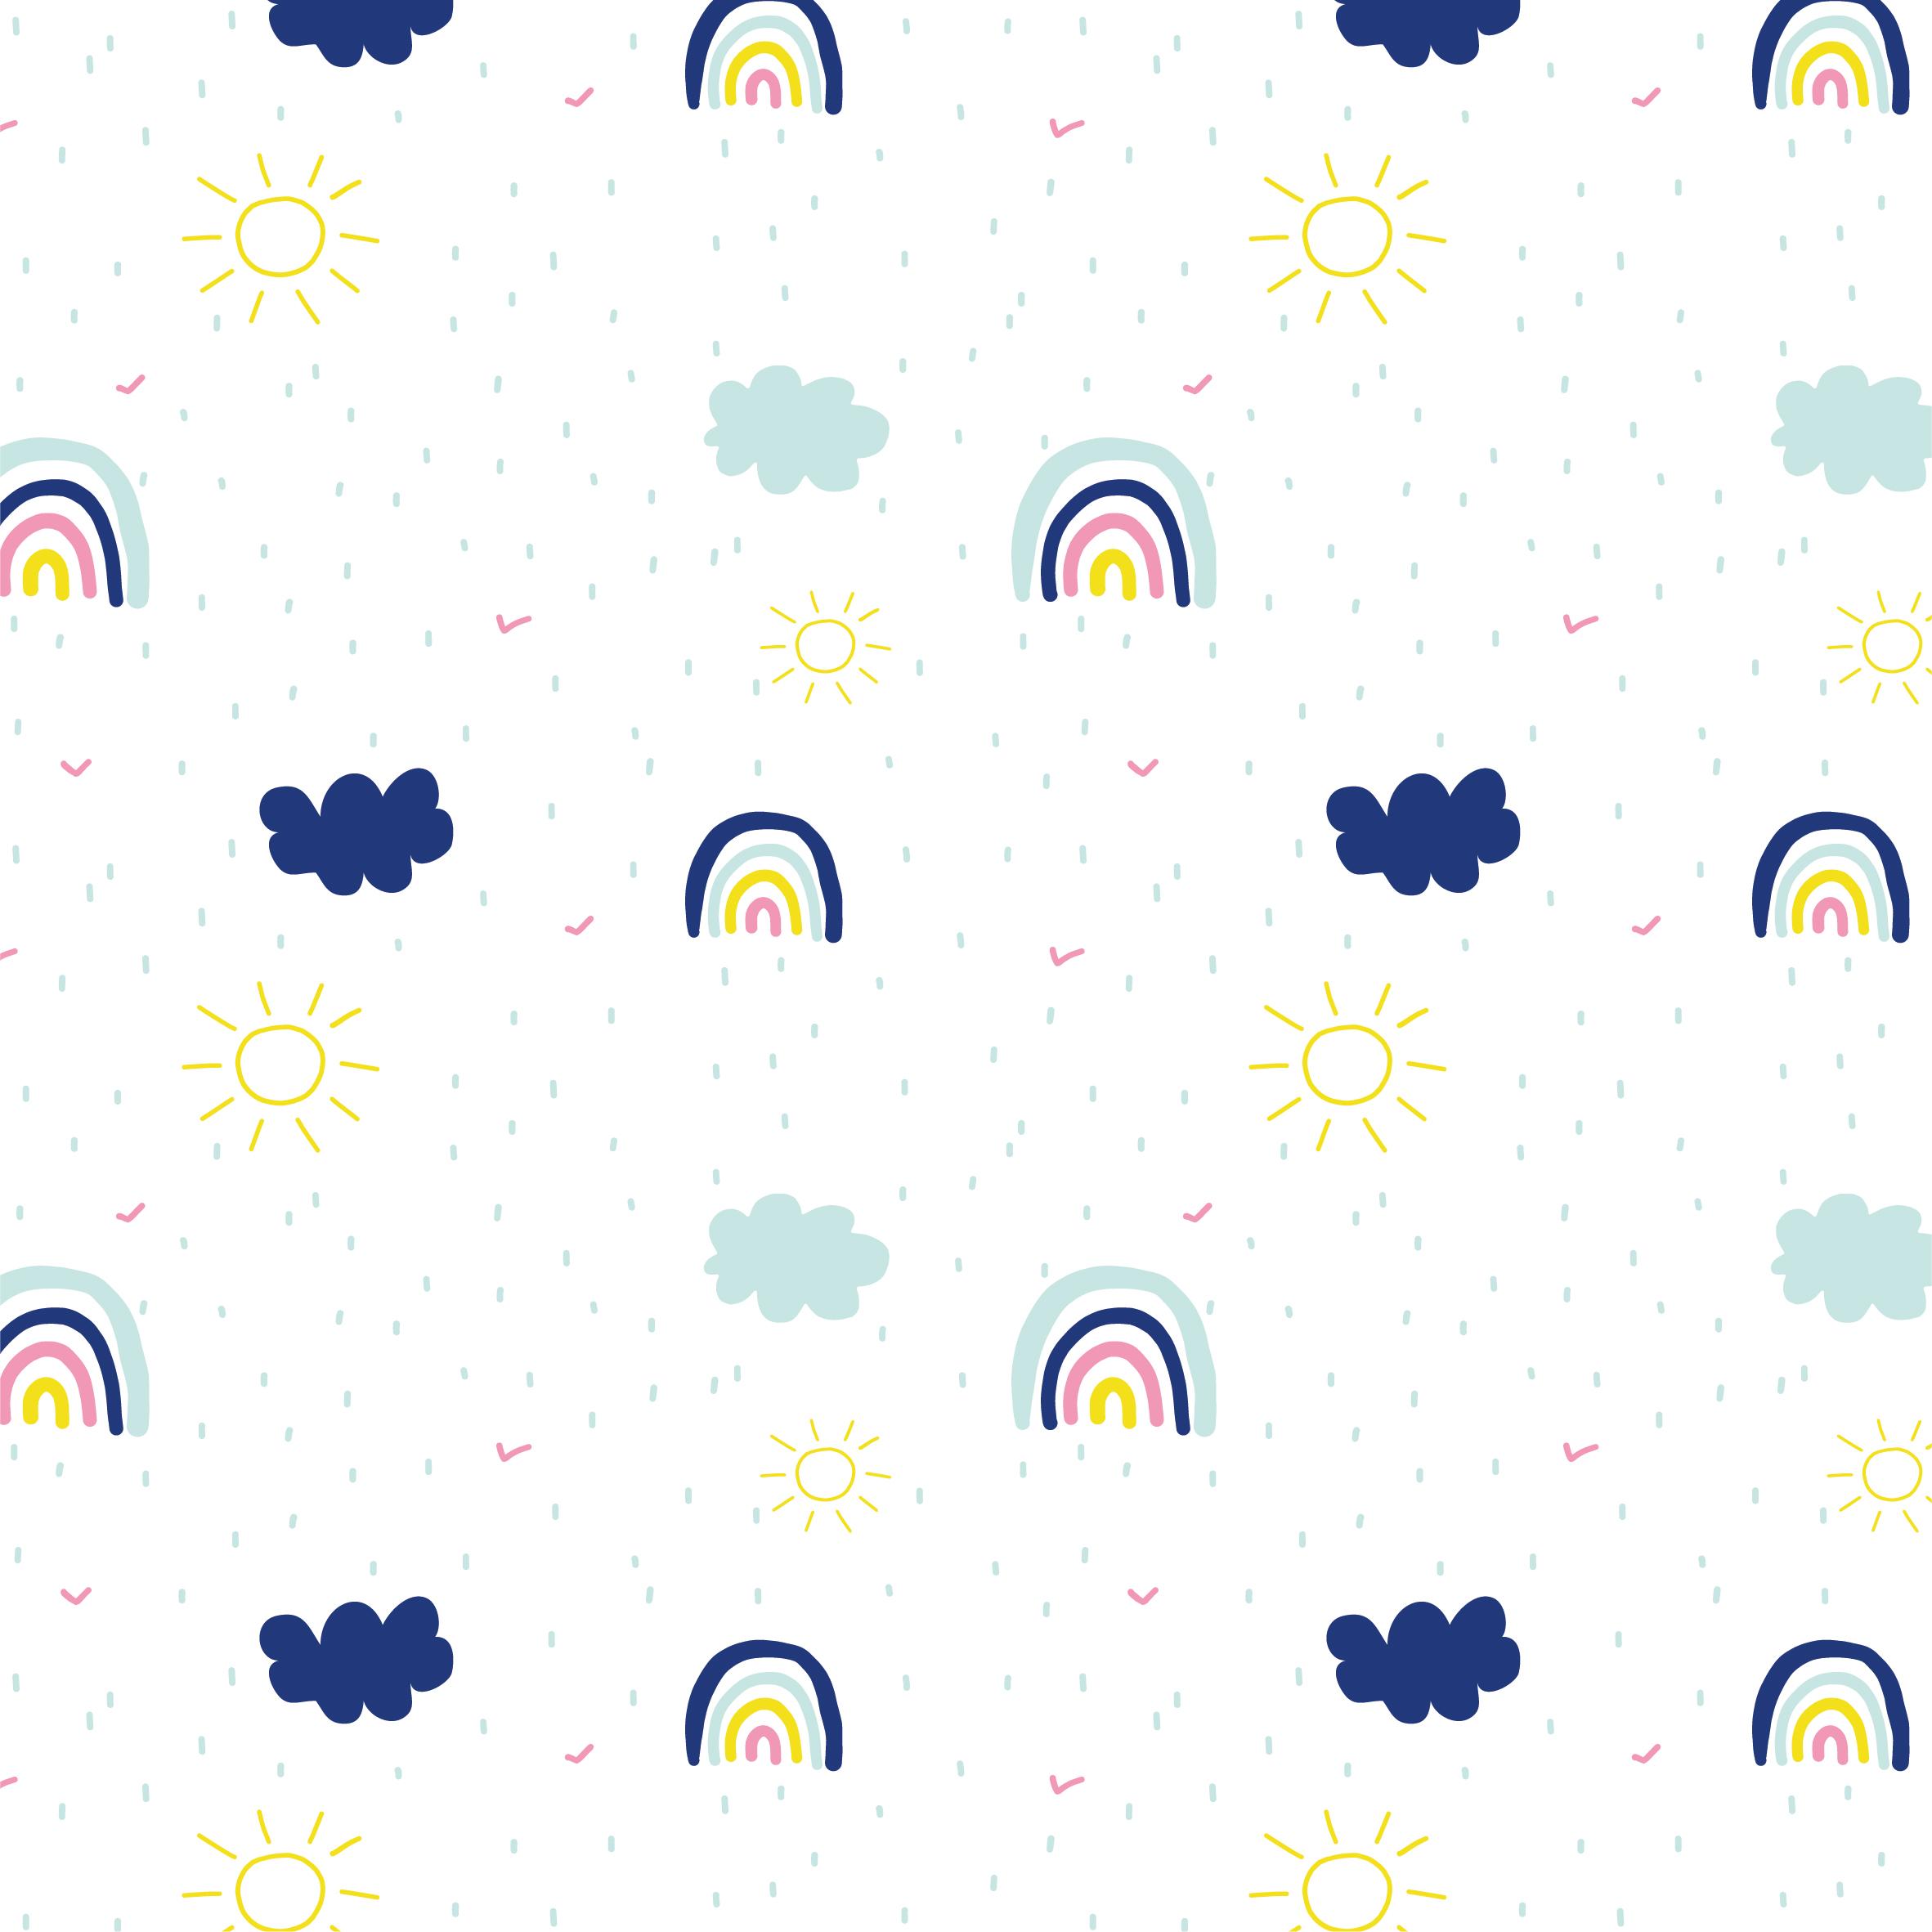 Motif abstrait, A7, Votre motif - POP'Home, Pop Home, produits éco-responsables, produits éco-responsables français, produits éco-responsables made in France, produits personnalisés, produits personnalisés français, produits personnalisés made in France, produits personnalisables, produits personnalisables français, produits personnalisables made in France, produits made in France, produits français, textiles éco-responsables, textiles éco-responsables français, textiles éco-responsables made in France, textiles français, textiles made in France, textiles personnalisés, textiles personnalisés français, textiles personnalisés made in France, textiles personnalisables, textiles personnalisables français, textiles personnalisables made in France, motif enfantin, motif géométrique, motif abstrait, motif fleuri, motif figuratif, textiles à motifs, textile à motifs, produits à motifs, produit à motifs, produits à personnaliser, produits salle de bain, produits maison, produits salle de bain personnalisables, produits maison personnalisables, papeterie, papeterie personnalisable, papeterie personnalisé, cadeau personnalisé, idée cadeau, idée cadeau personnalisé, cadeau made in France, made in France, produit unique, produit écologique, décoration d'intérieur, motifs, objet unique, objet personnalisé, objet personnalisable, objet made in France, produit made in France, produits écologiques, objets écologiques, créatrice française, designer, Eloïse Abadia-Pacitti